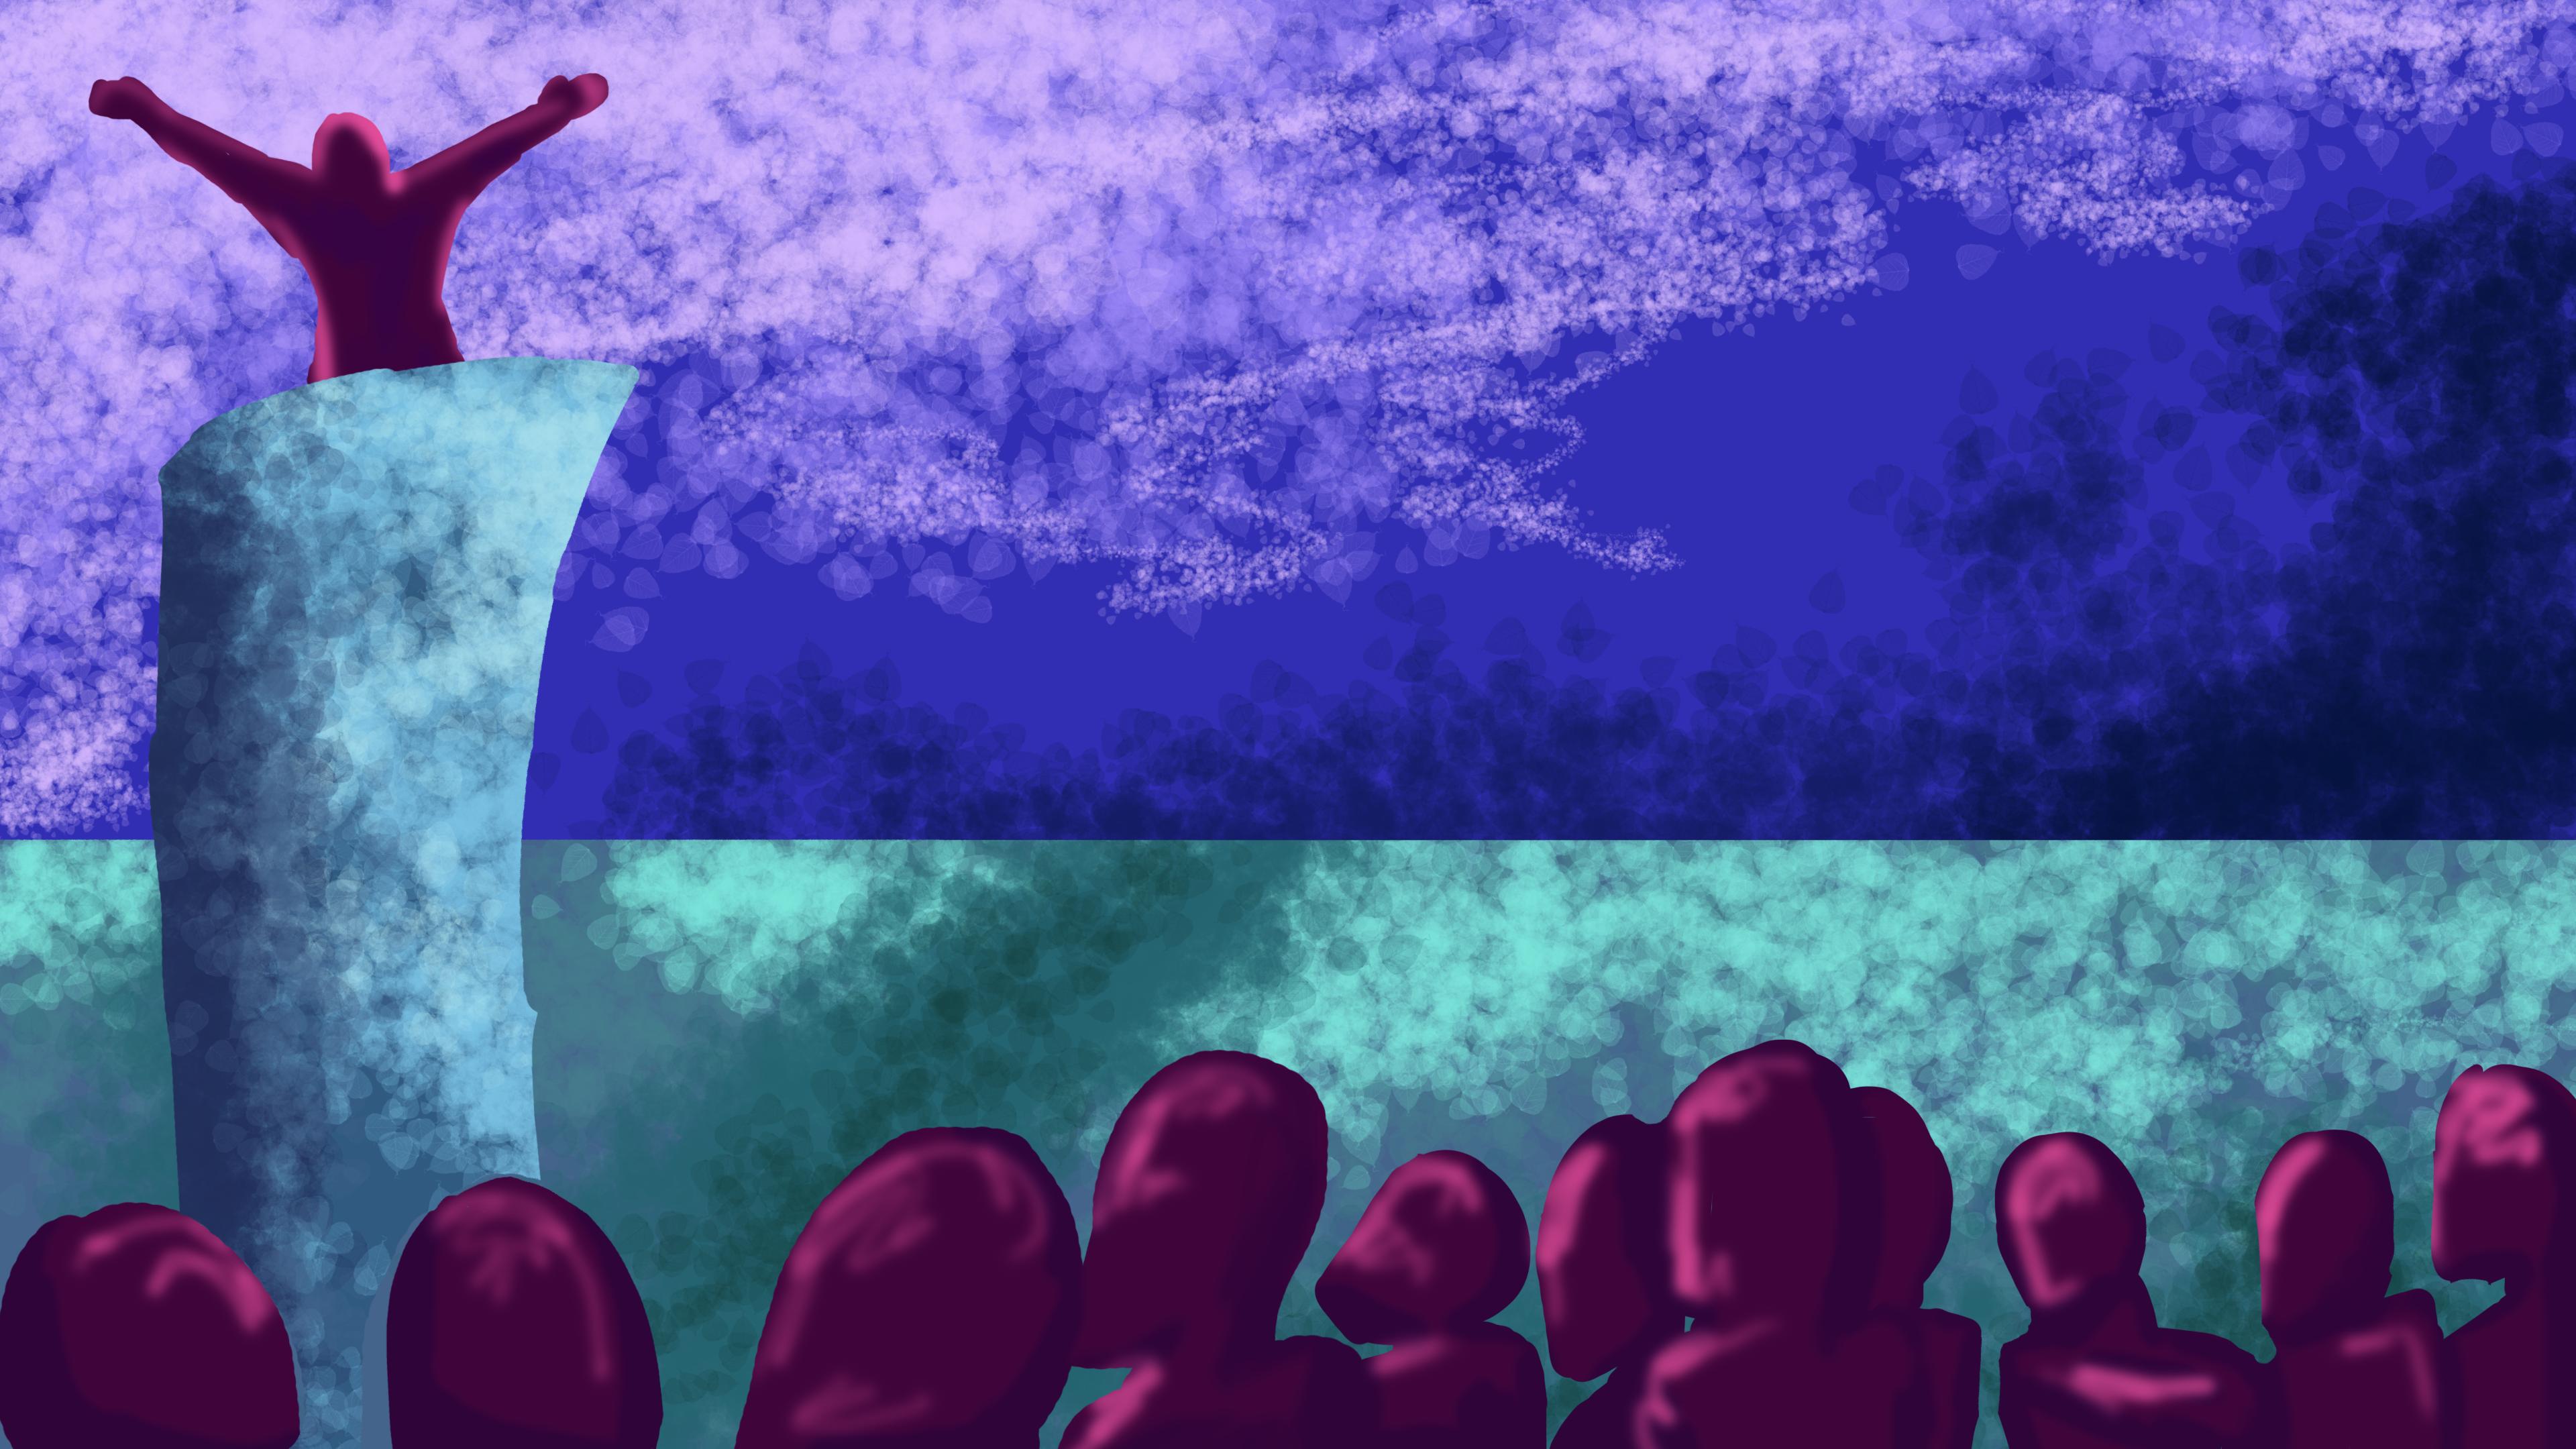 Public speaking gone purple.